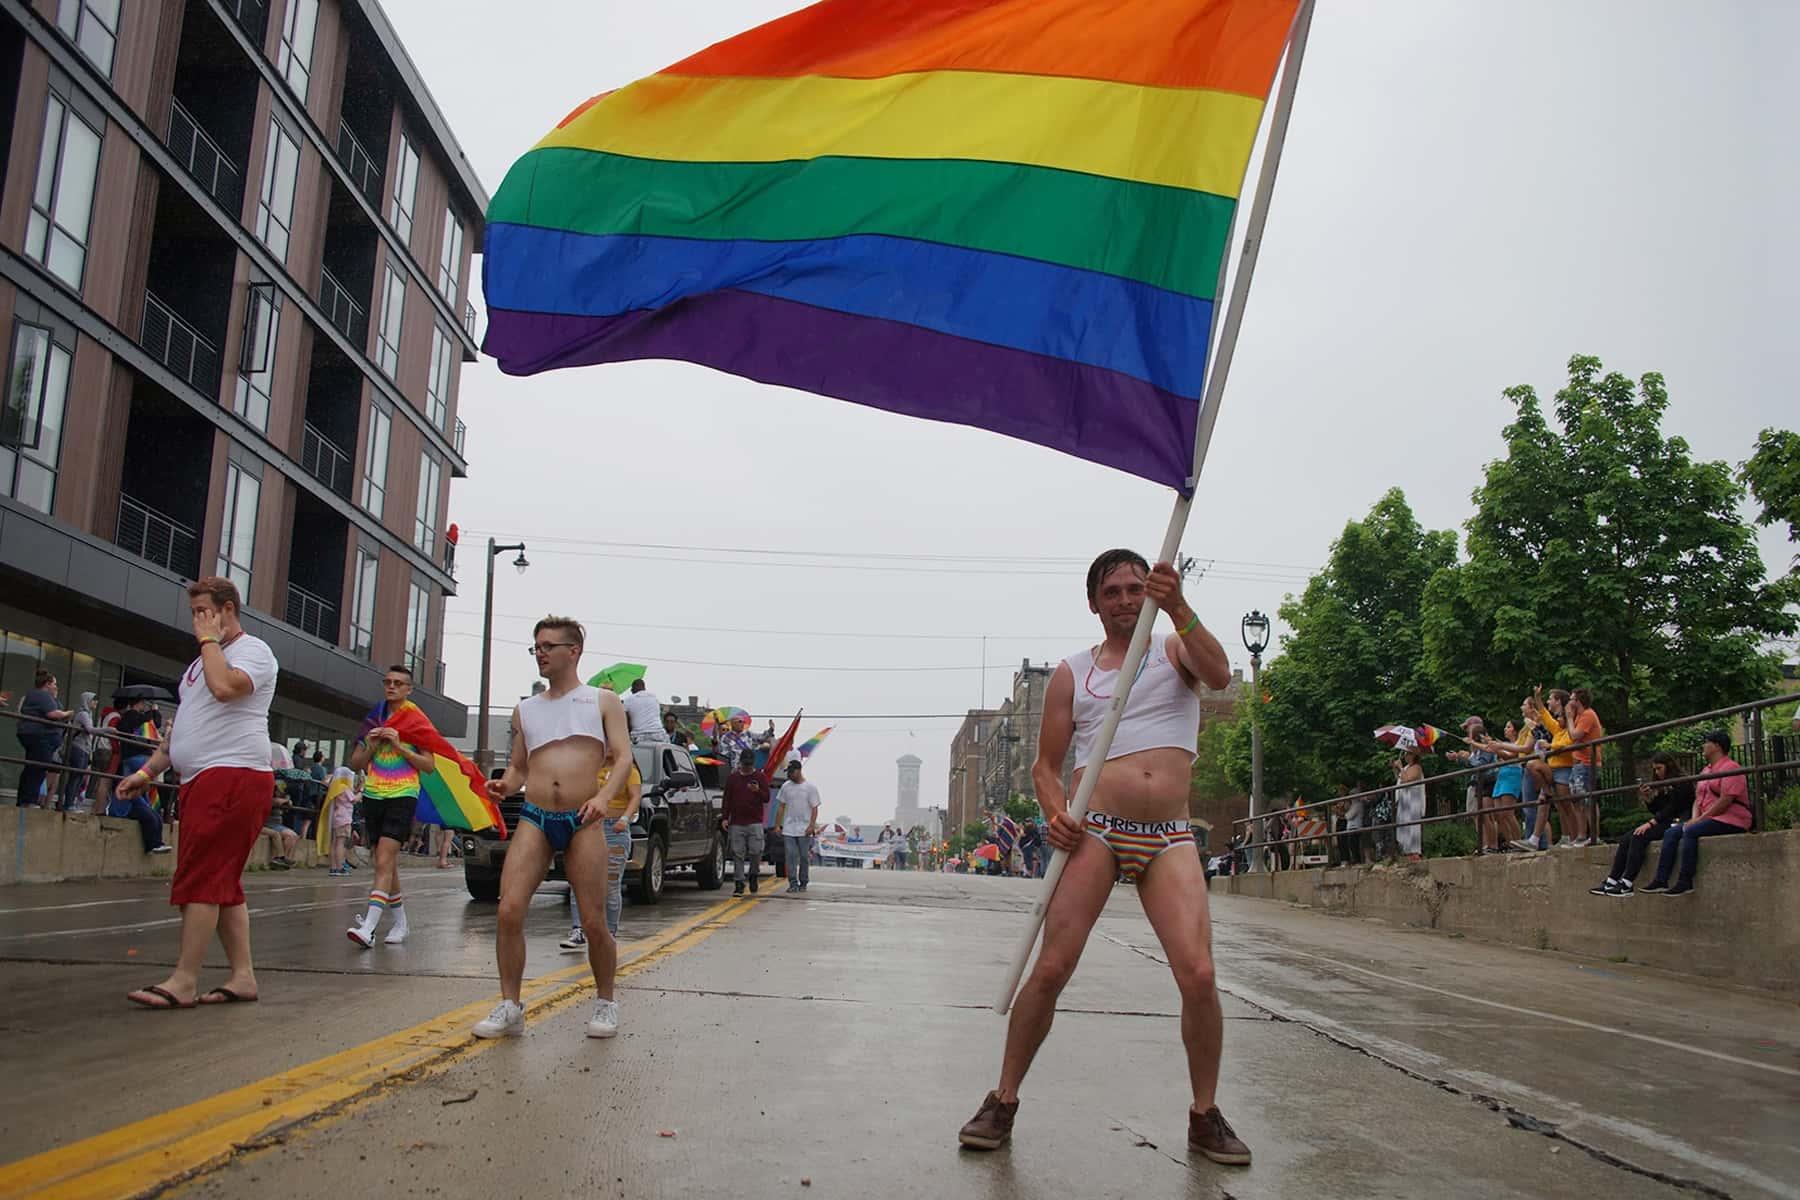 060919_pride2019parade_3824